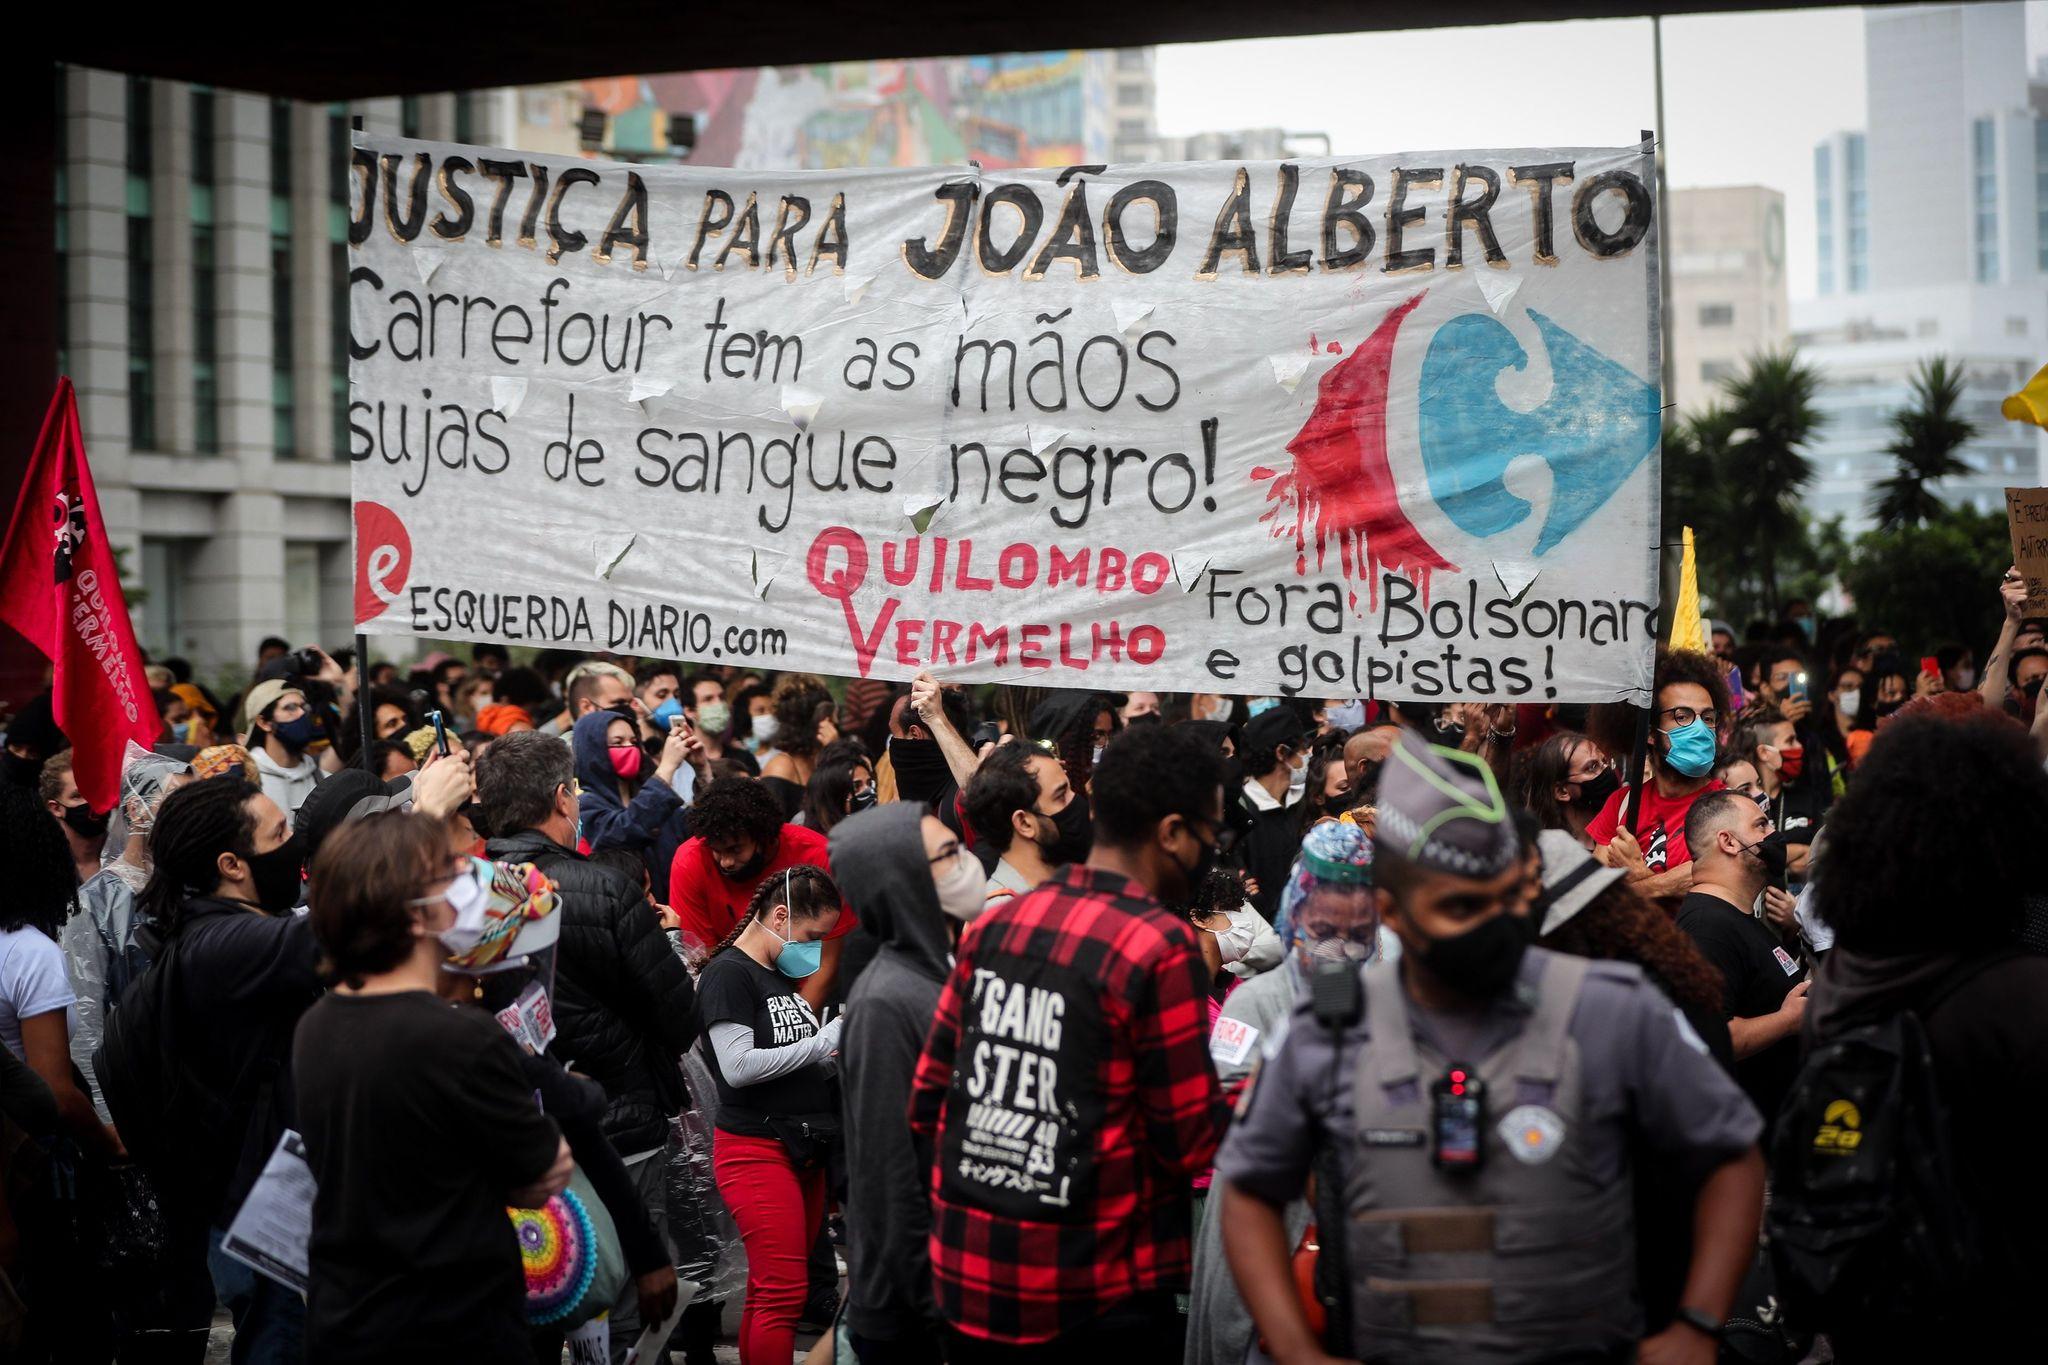 """Despiden con """"inmensa tristeza"""" al afrobrasileño que fue golpeado hasta la muerte por guardias de seguridad"""